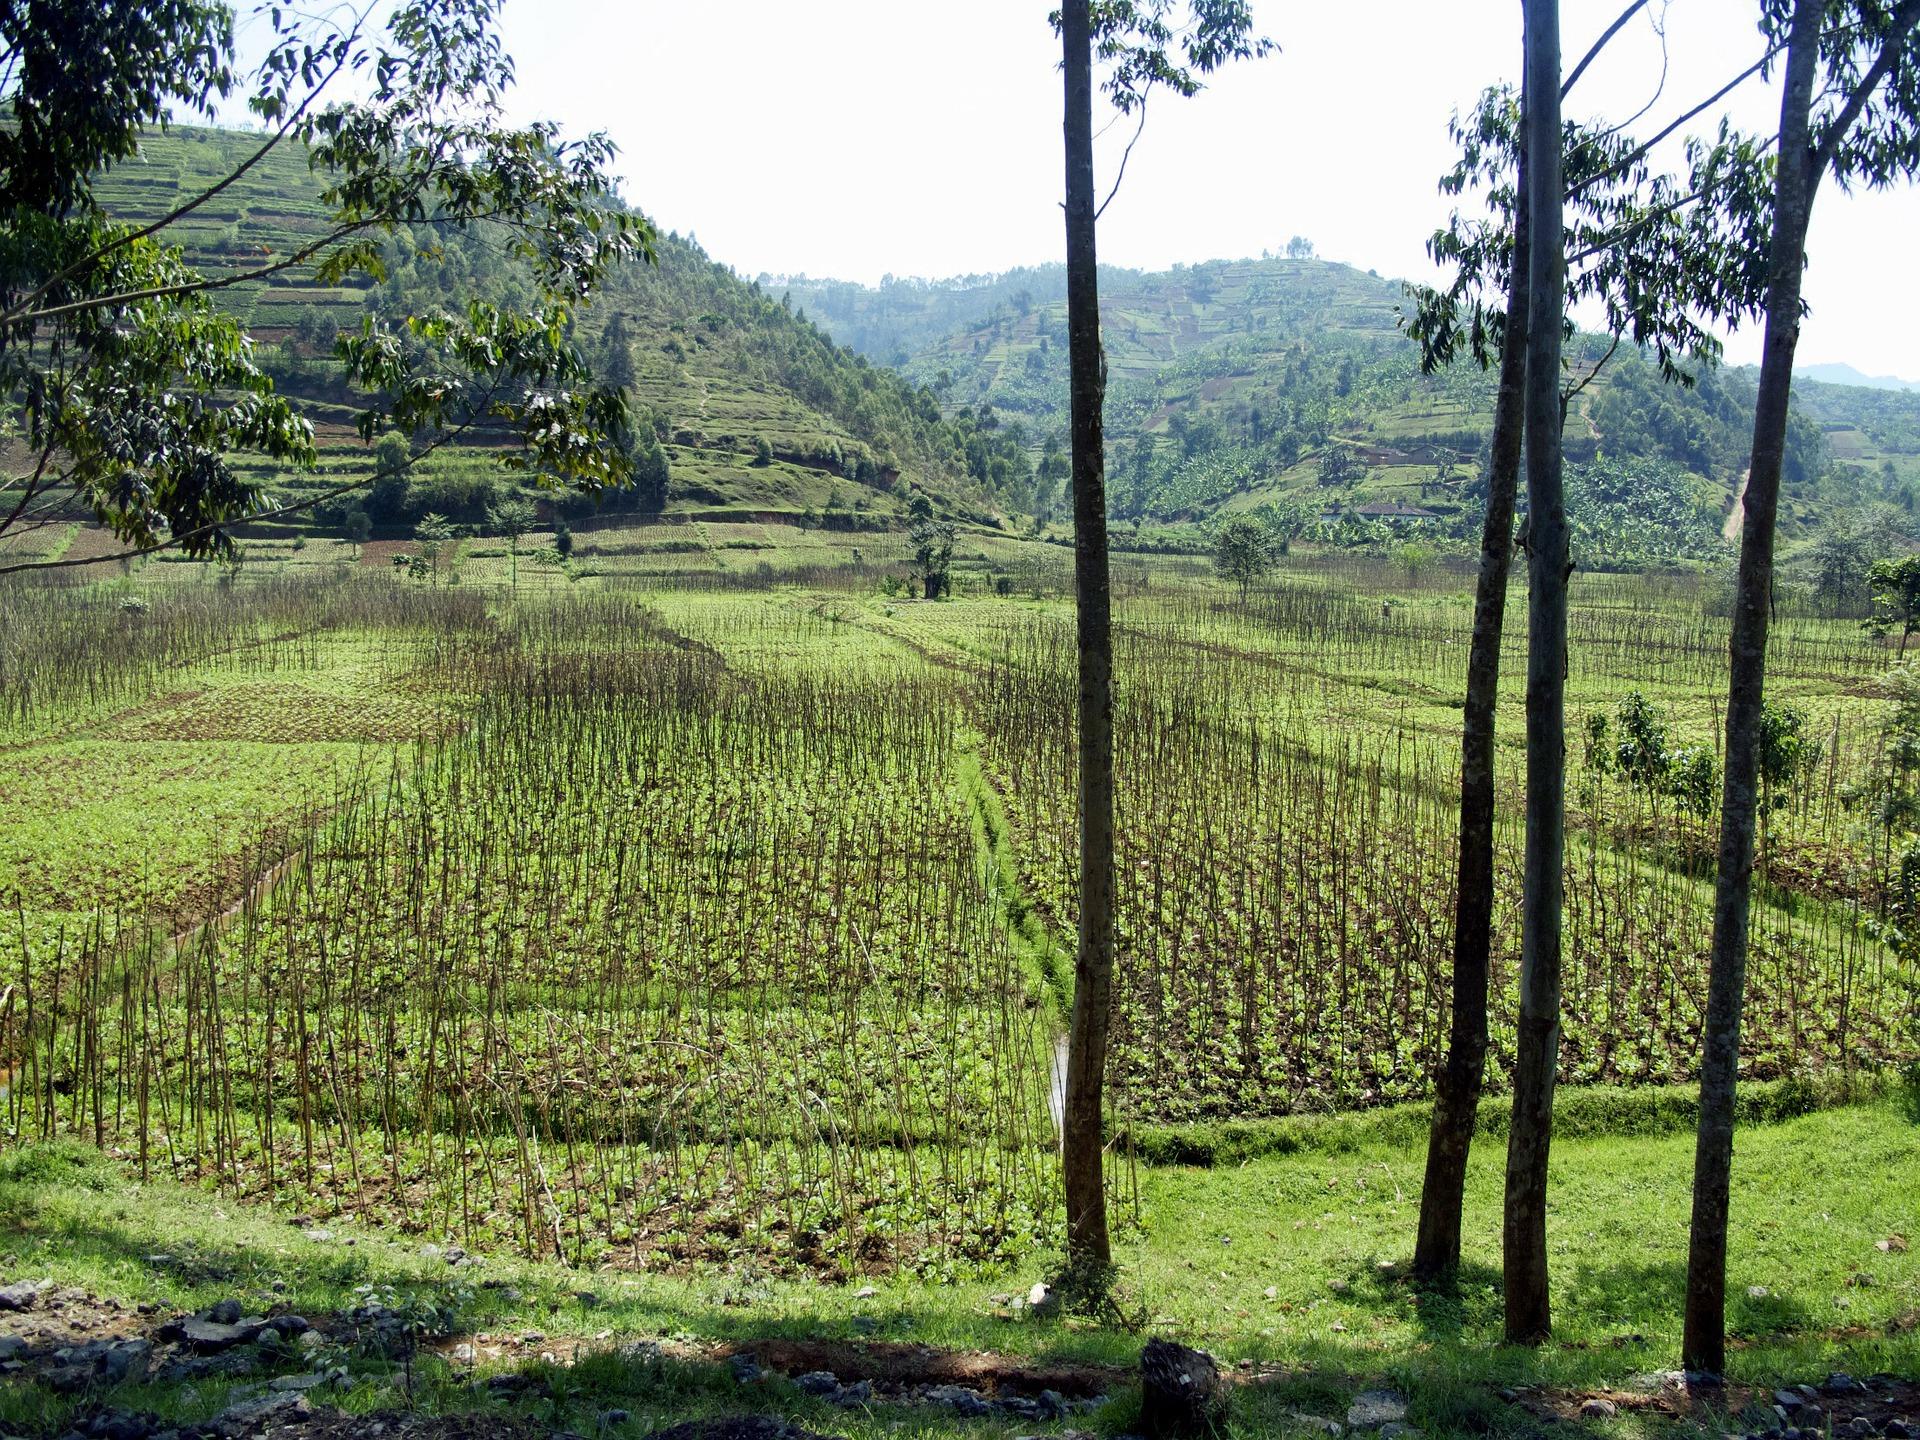 Rwanda 123407 1920